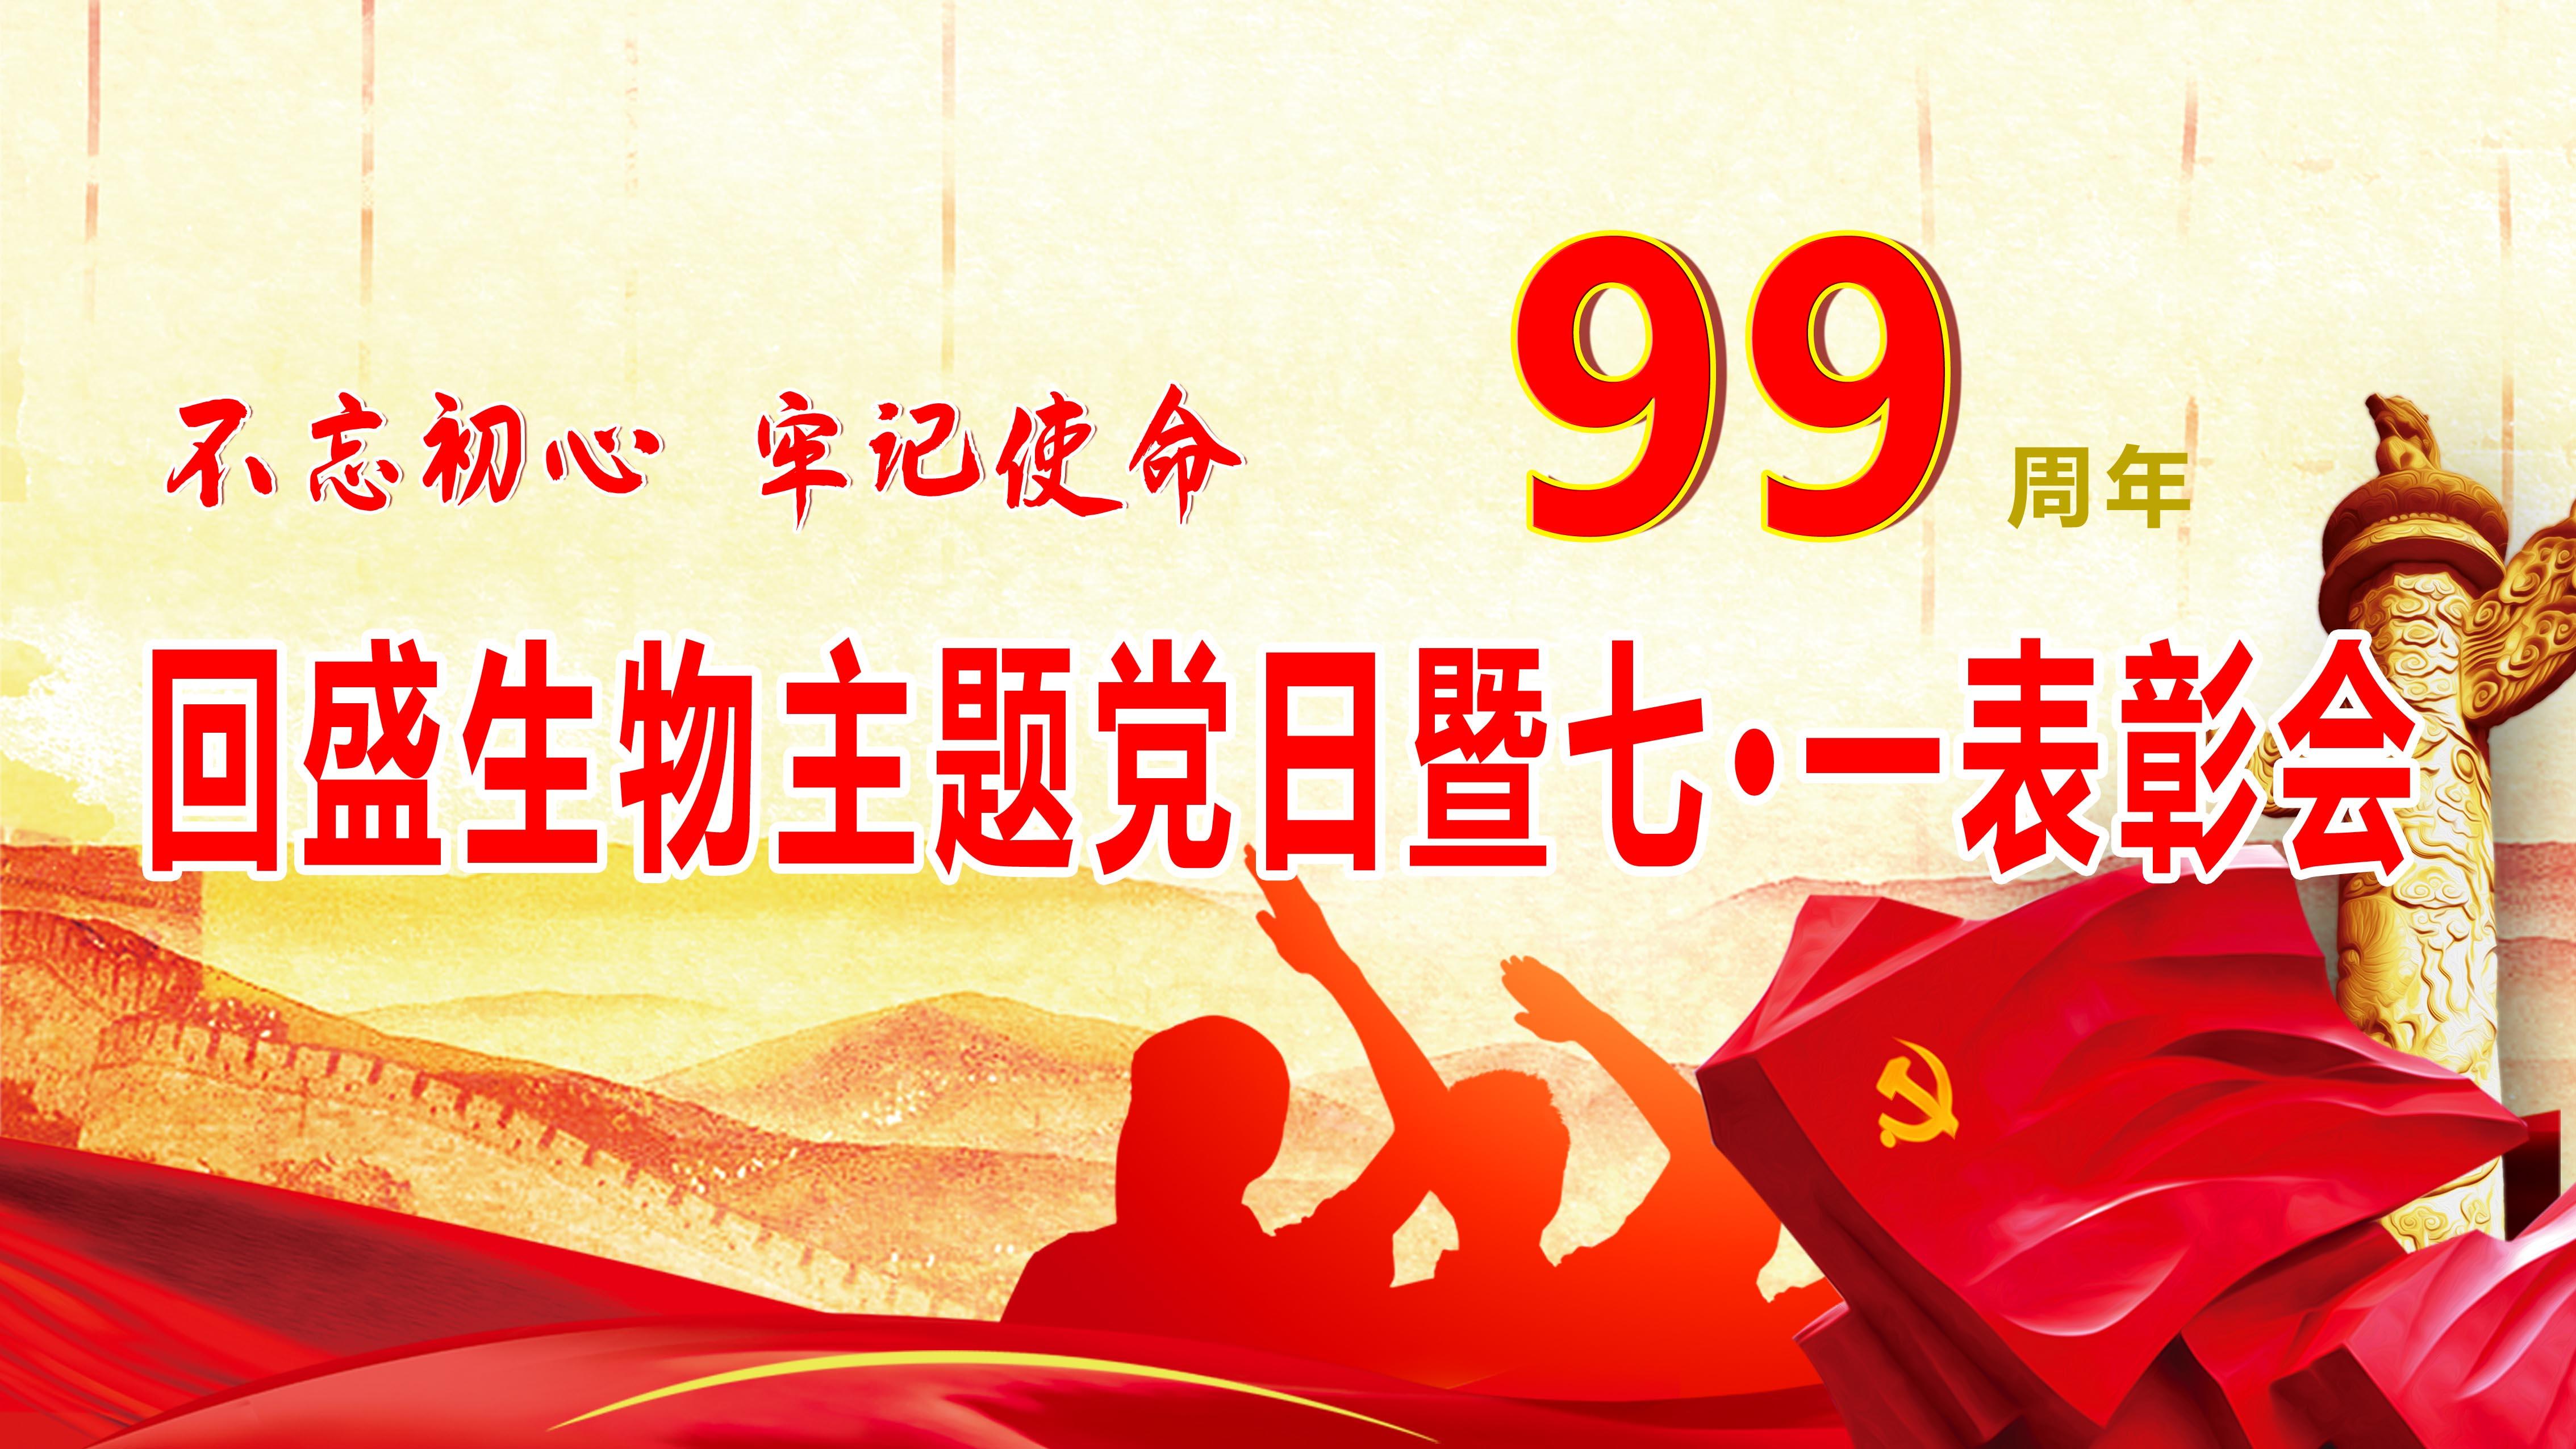 学习新党章 坚定共产党人信仰 —— 回盛生物纪念中国共产党成立九十九周年